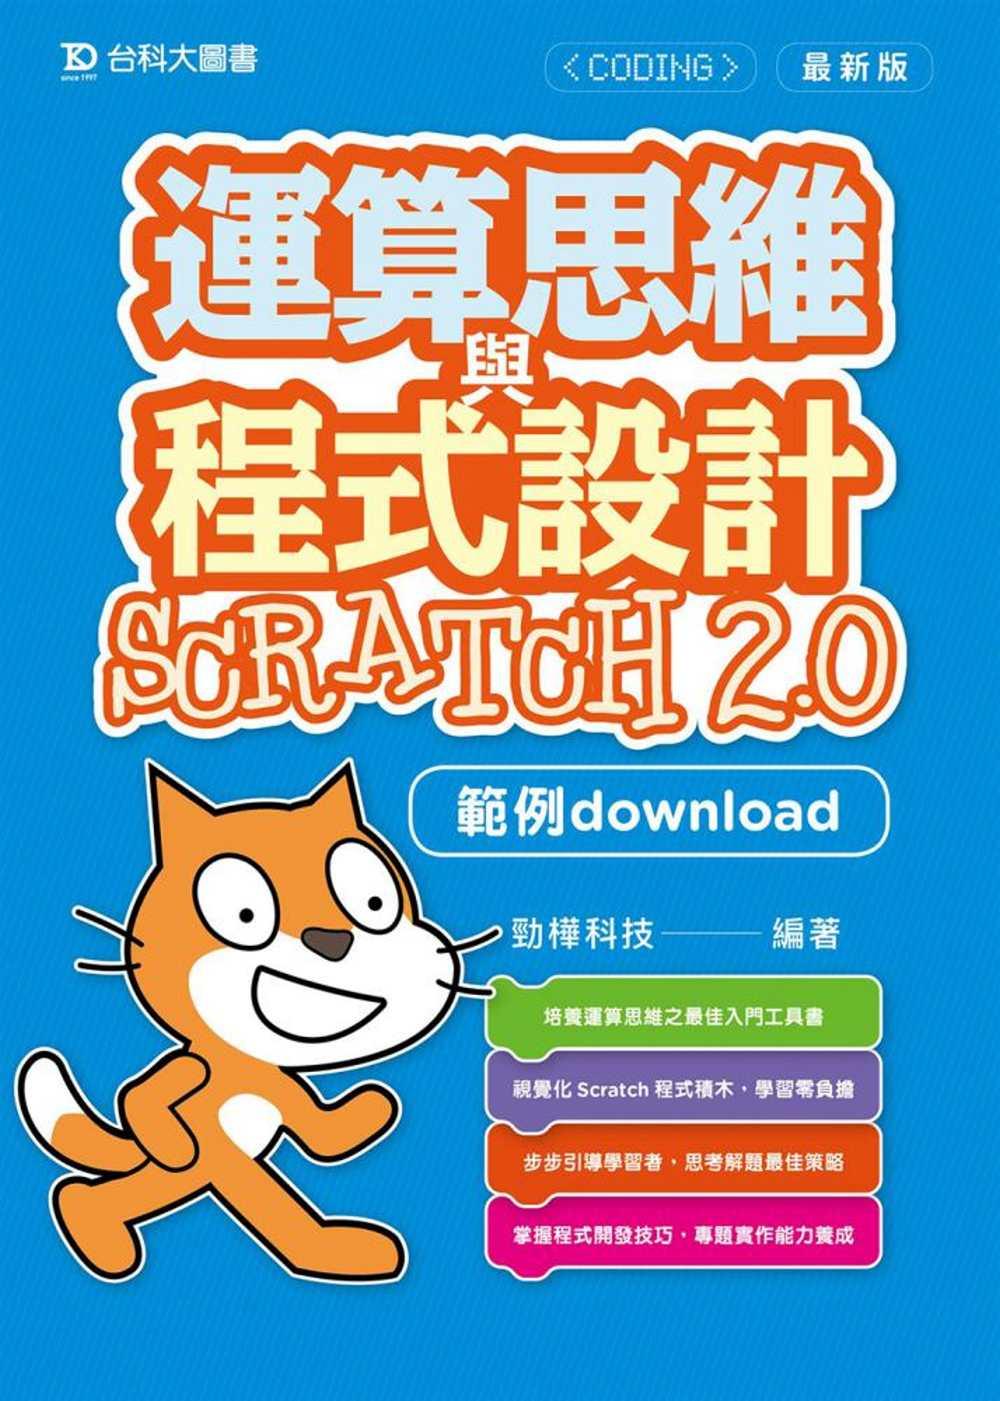 運算思維與程式設計Scratch2.0(範例download)(最新版)